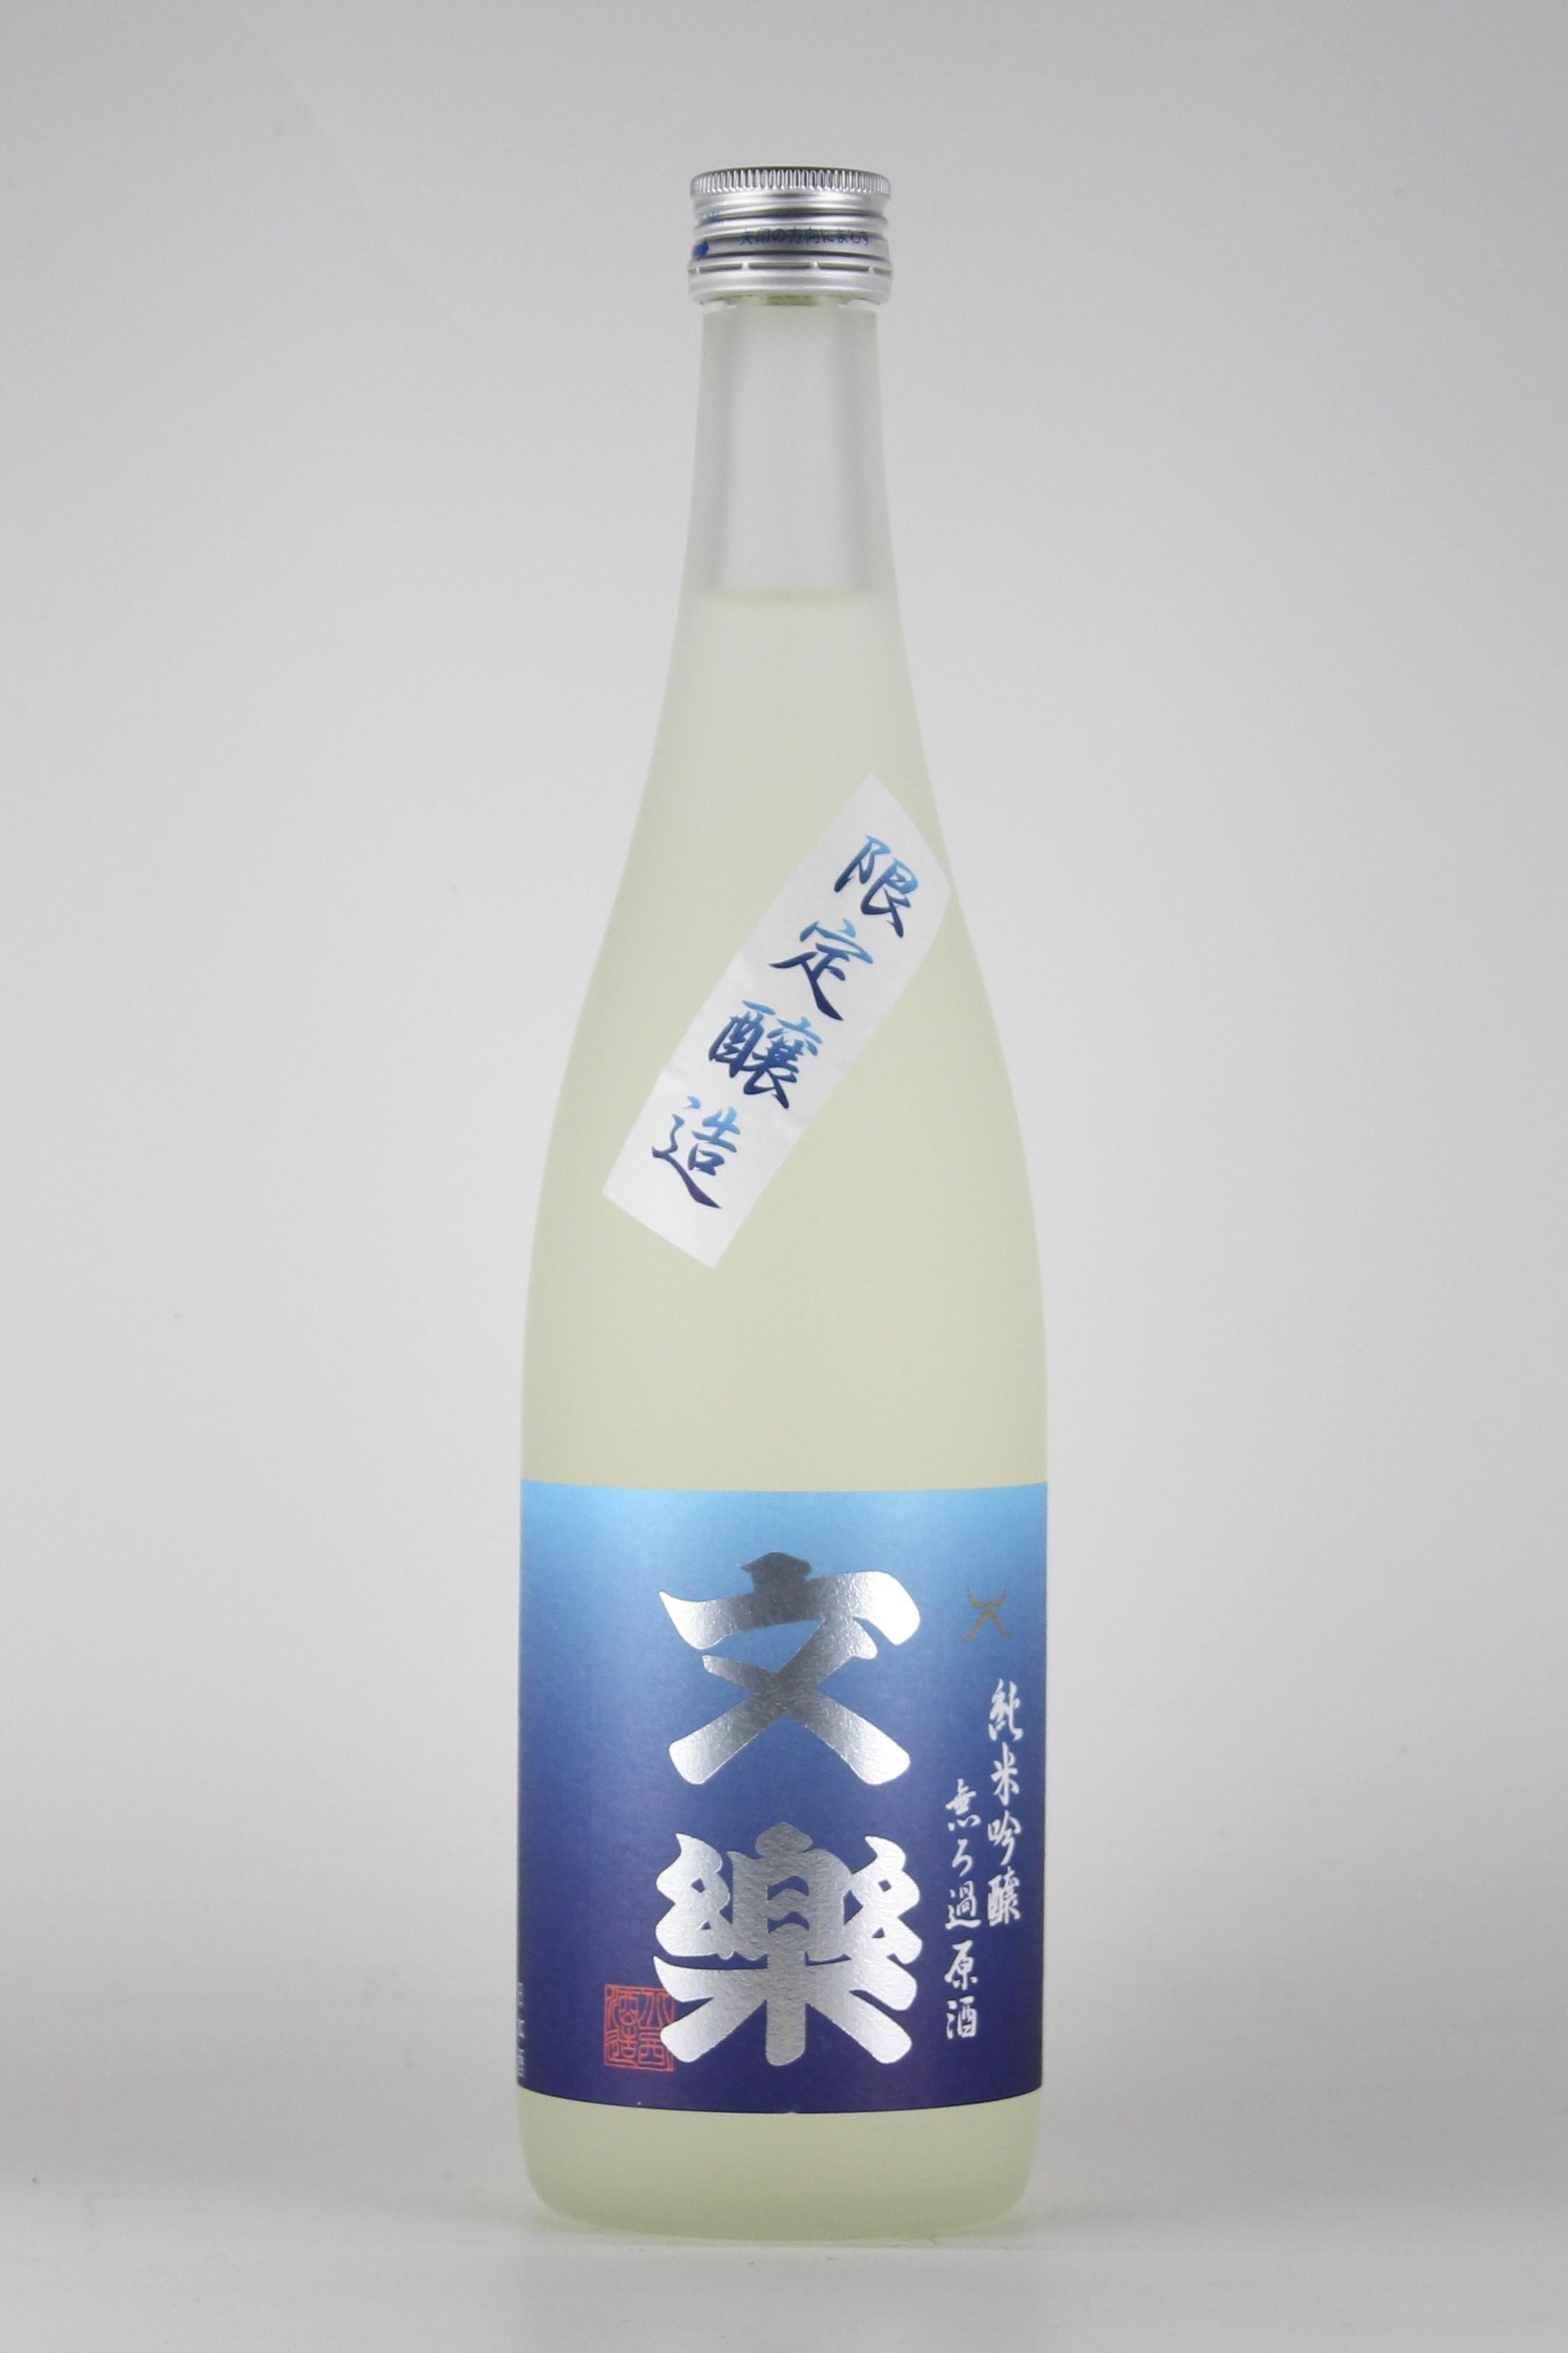 文楽 限定醸造 純米吟醸無濾過原酒 五百万石 720ml 【埼玉/北西酒造】